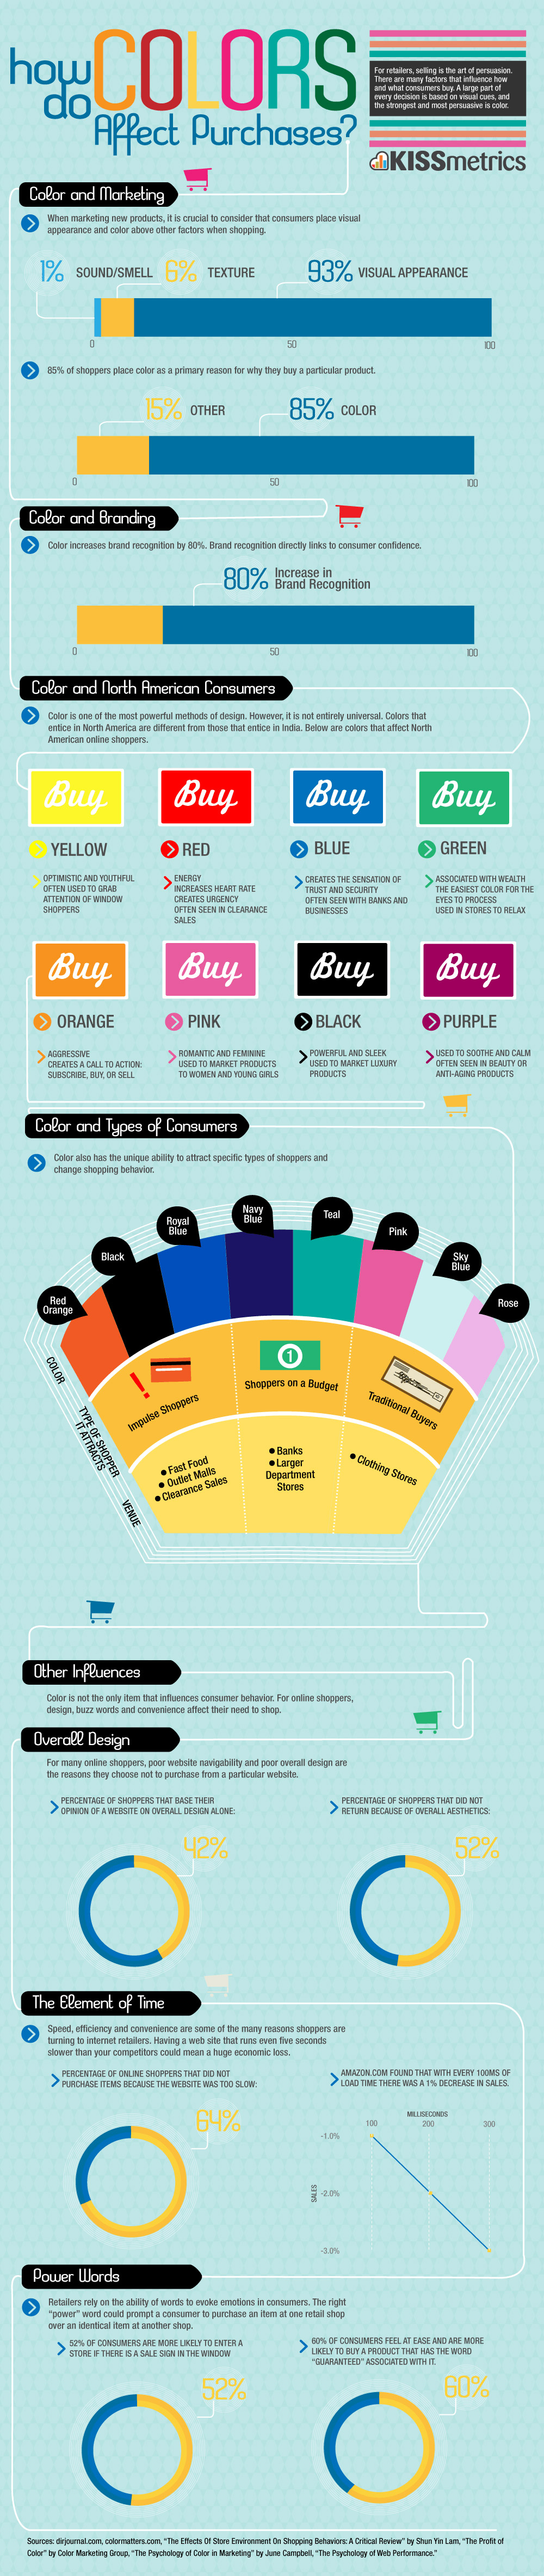 Infografía: Cómo los colores nos afectan a la compra